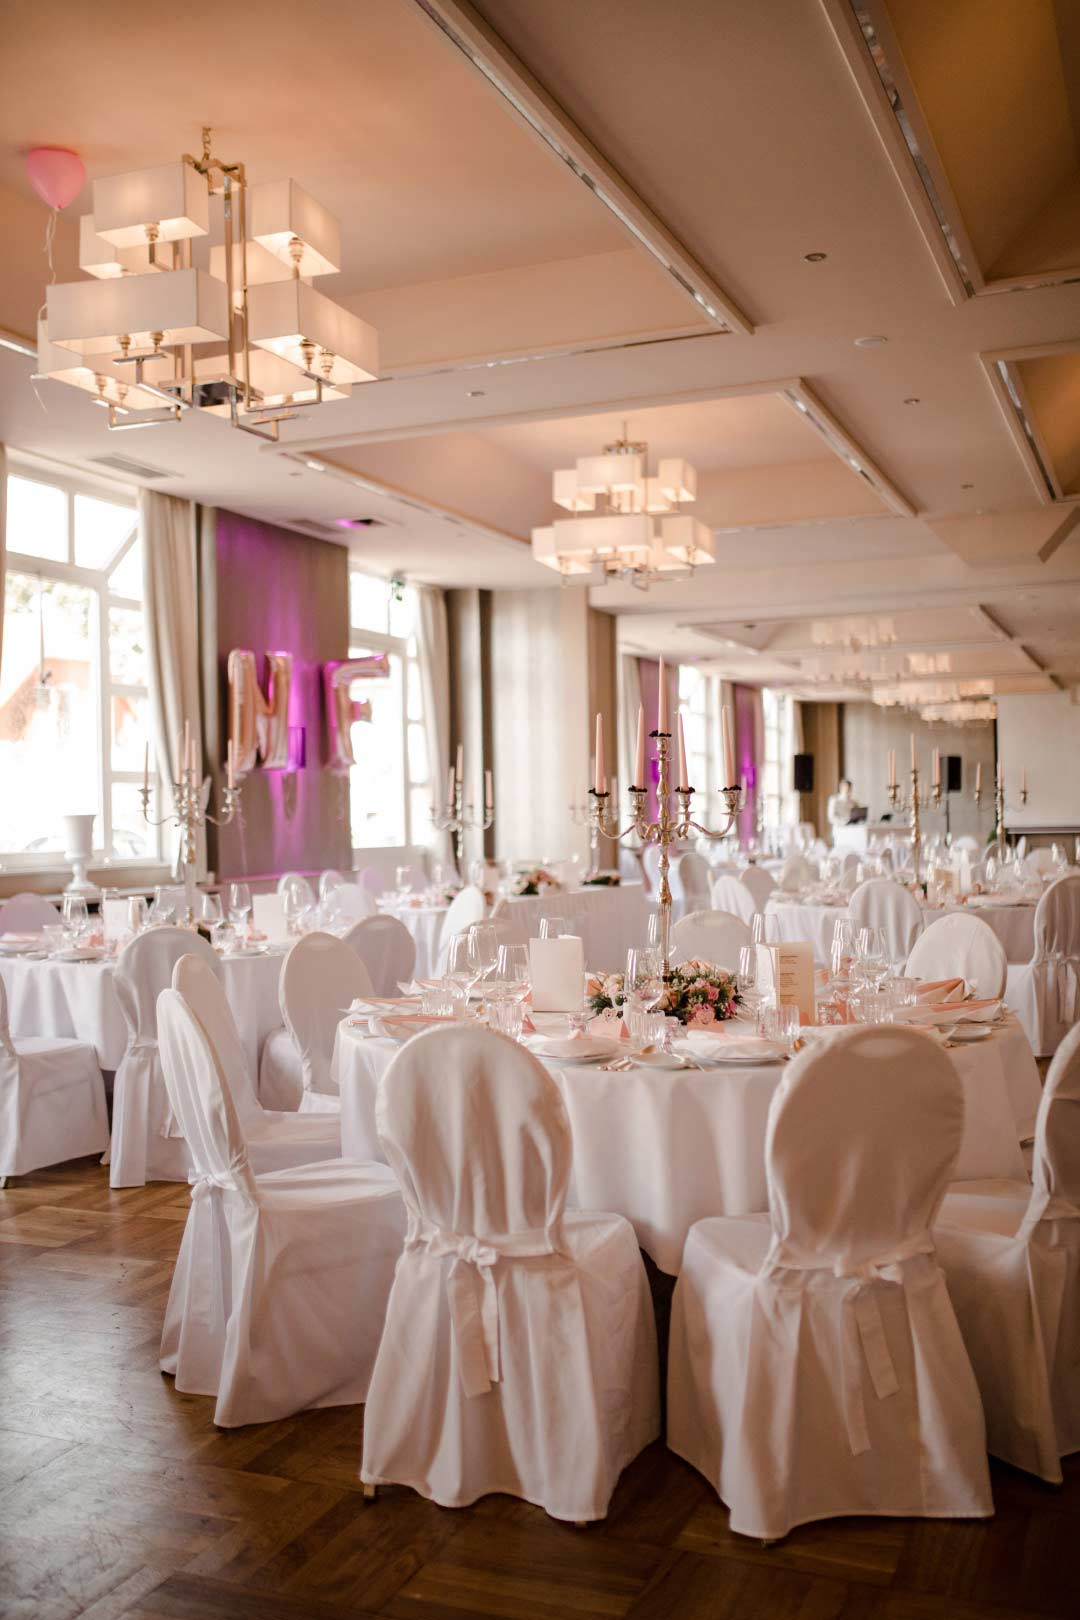 Saal für die Hochzeitsfeier